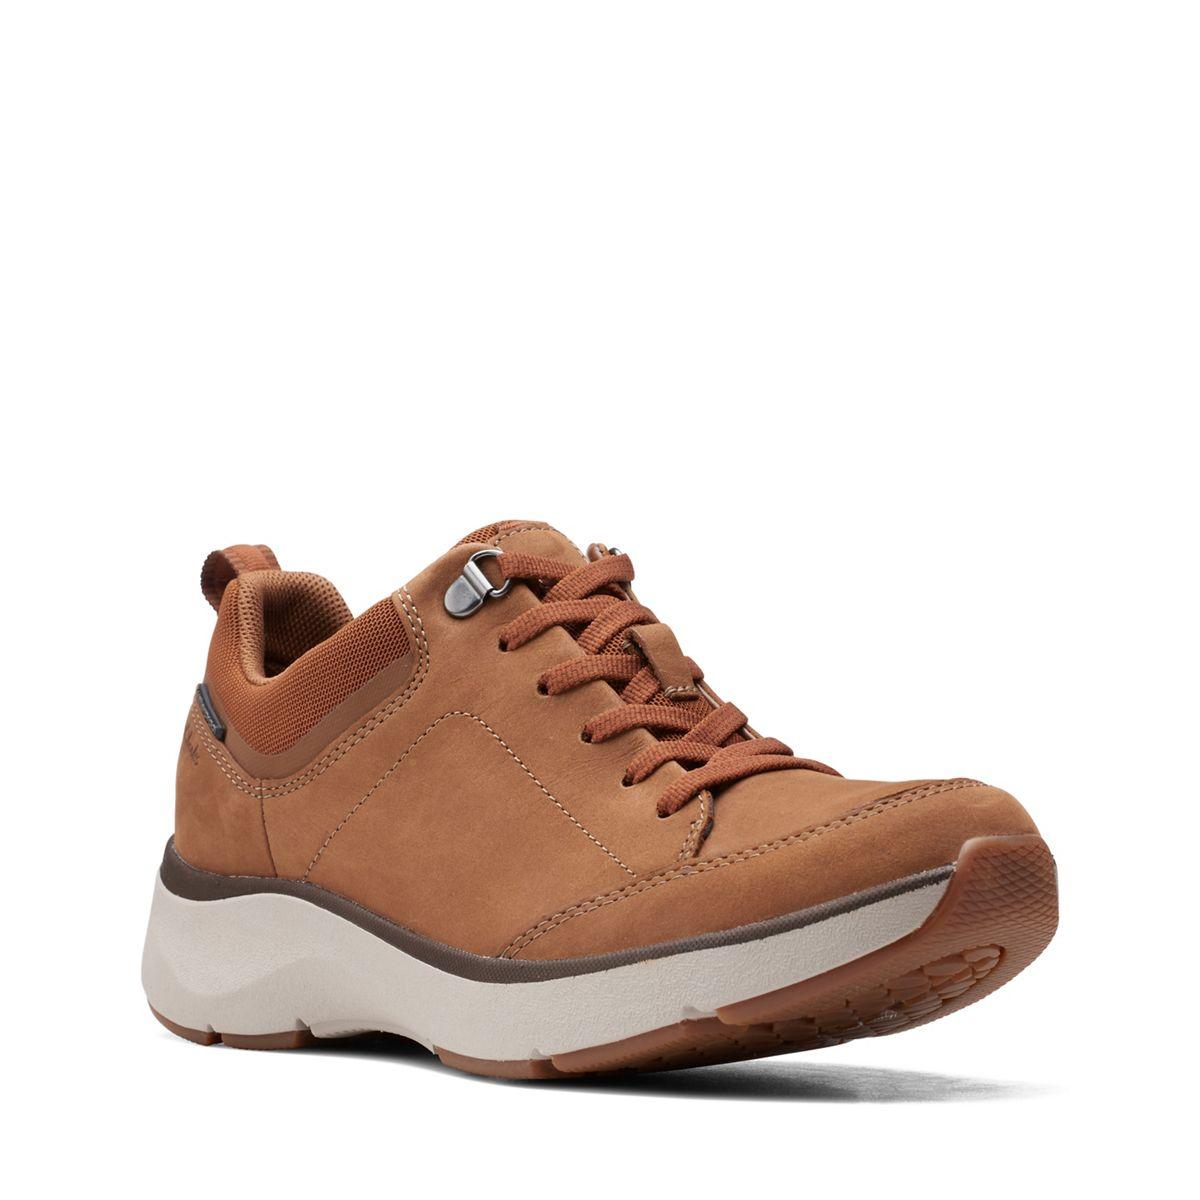 Clarks - Chaussures Wave 2.0 Lace pour femme